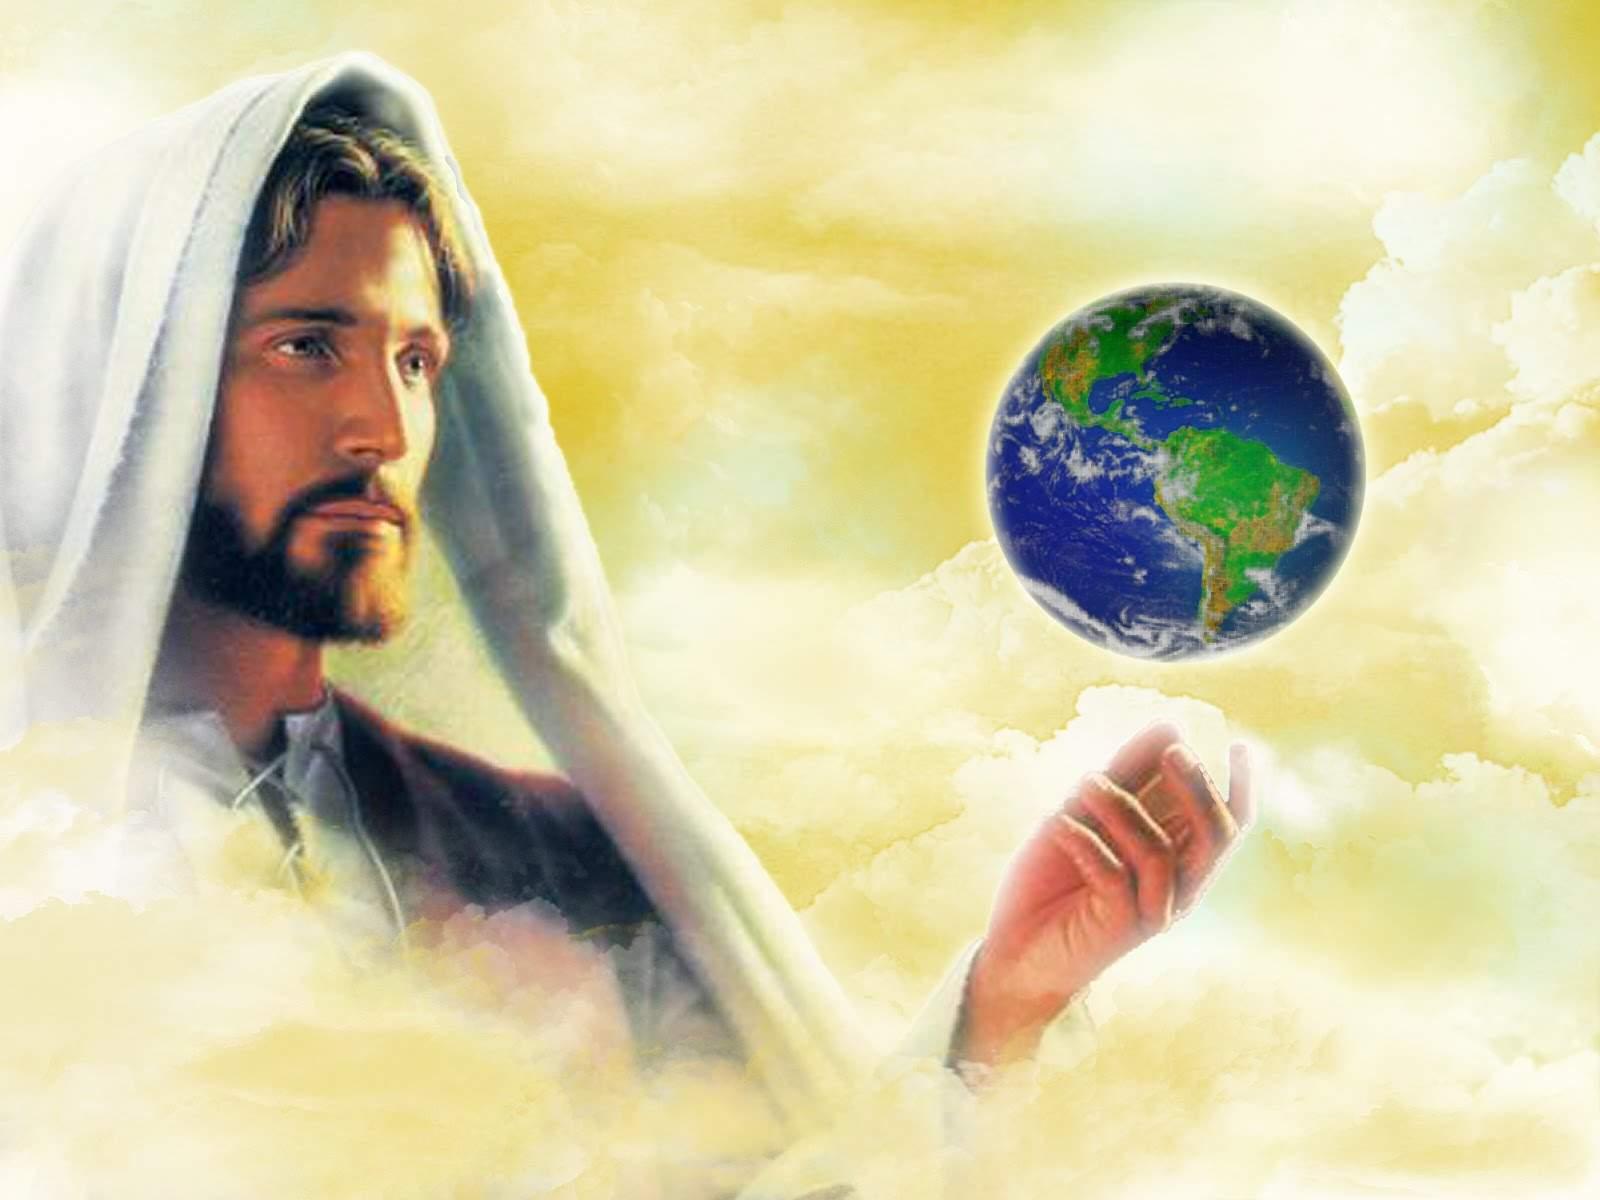 http://2.bp.blogspot.com/-5Zi8U1cb85M/T3HWG3hZu7I/AAAAAAAAALg/eerIq65fuQg/s1600/Jesus-God-Wallpaper%281%29.jpg